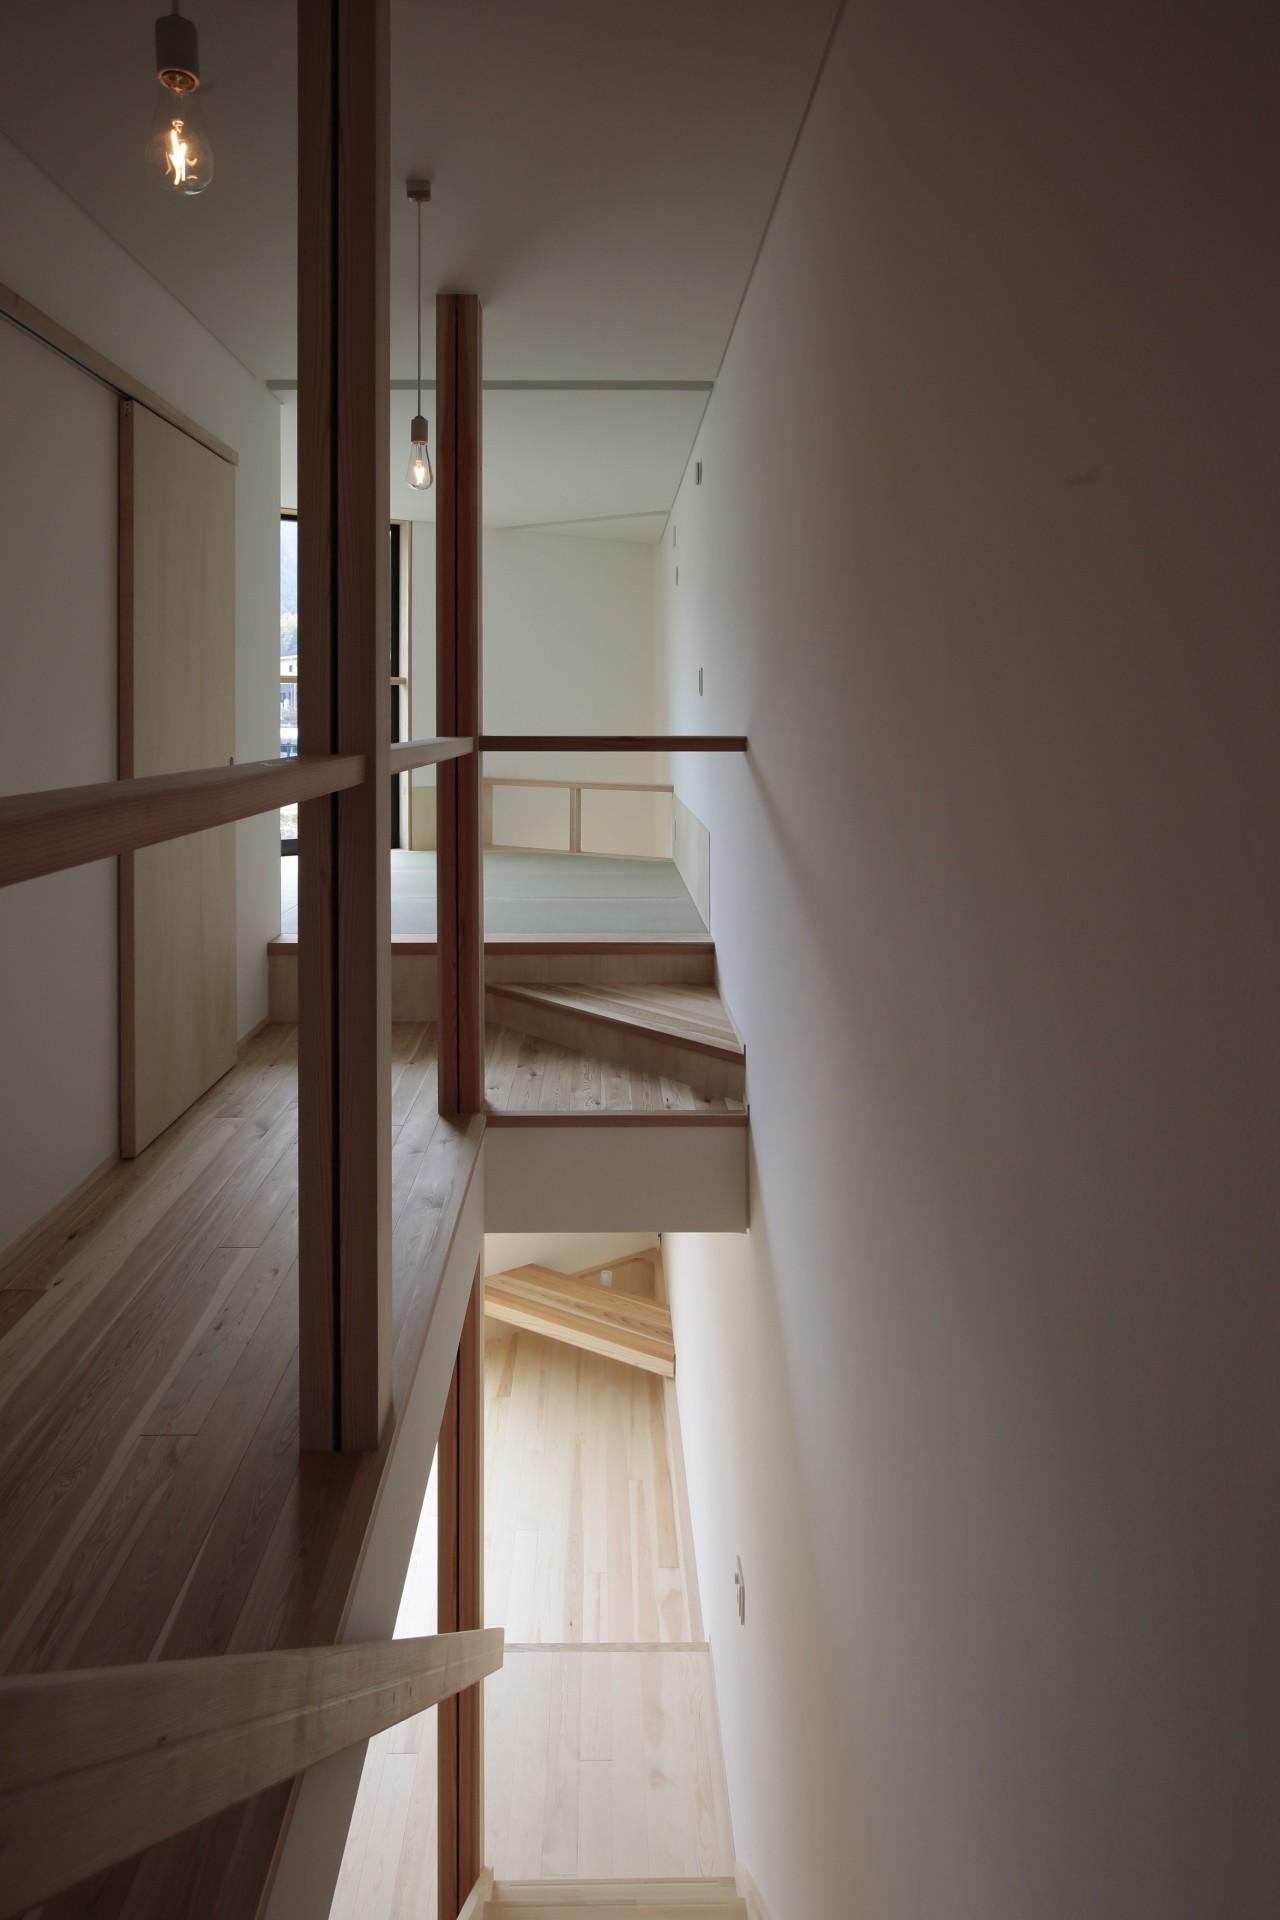 その他事例:階段(交野市の家)